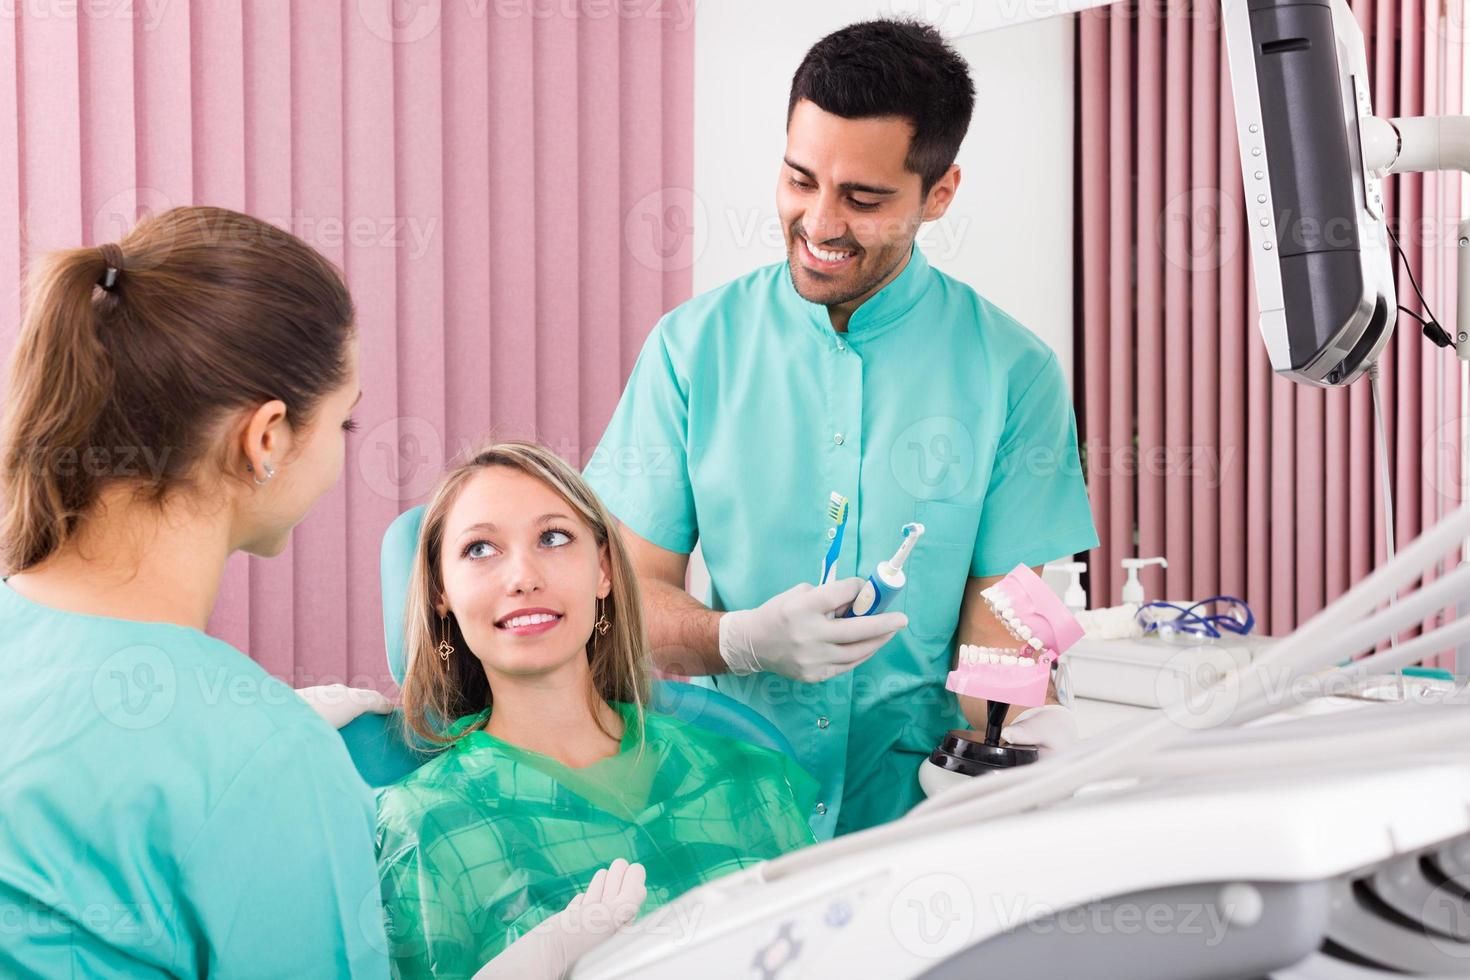 tandarts op het kantoor van de operatie foto